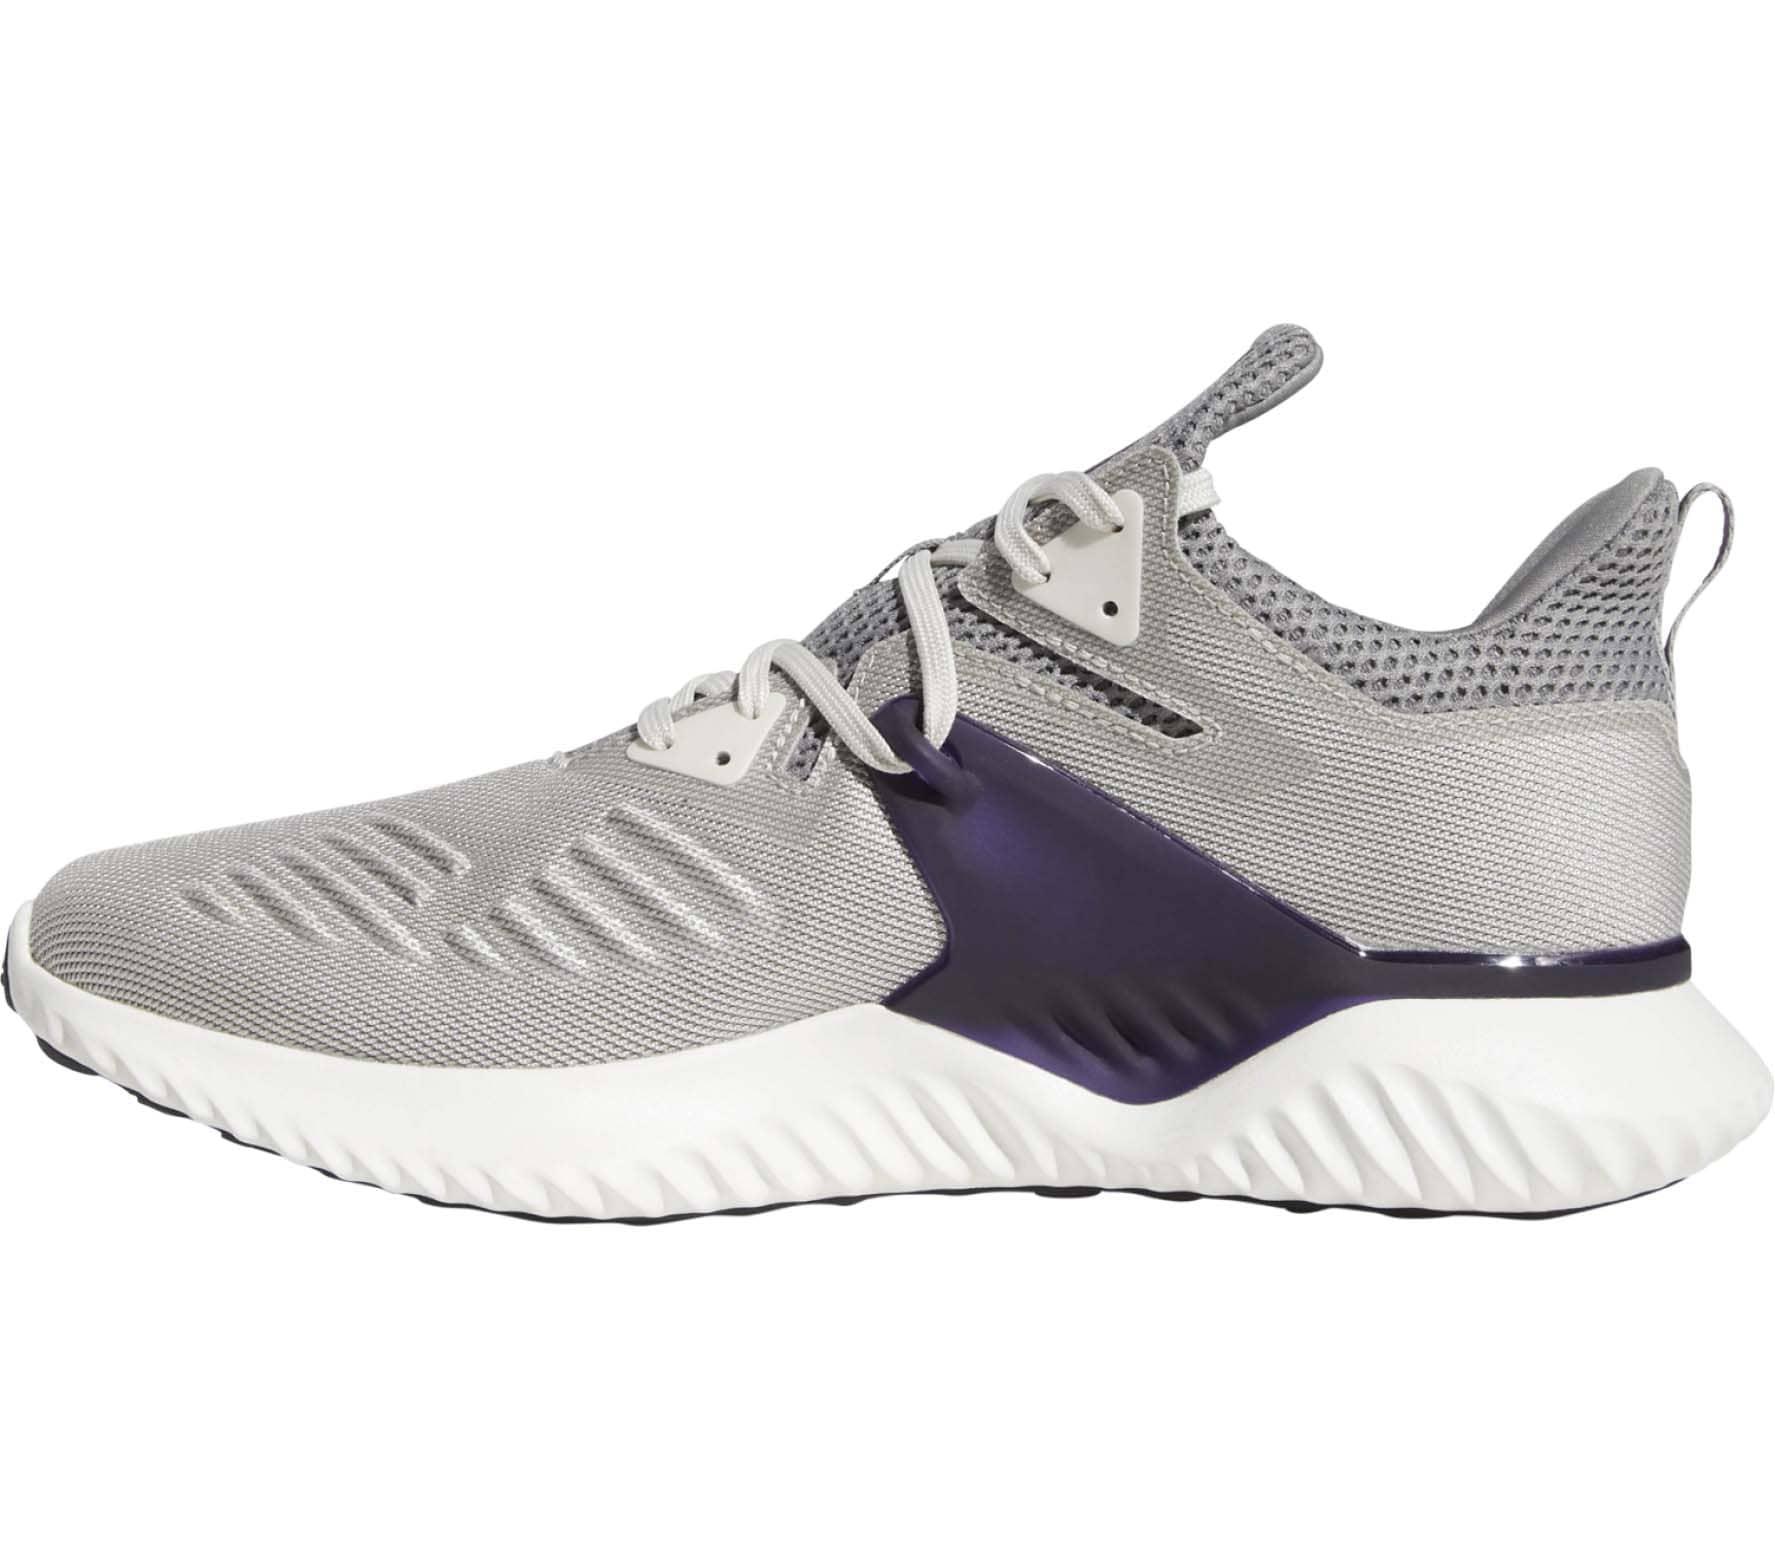 adidas - Alphabounce Beyond 2 löparskor (grå)